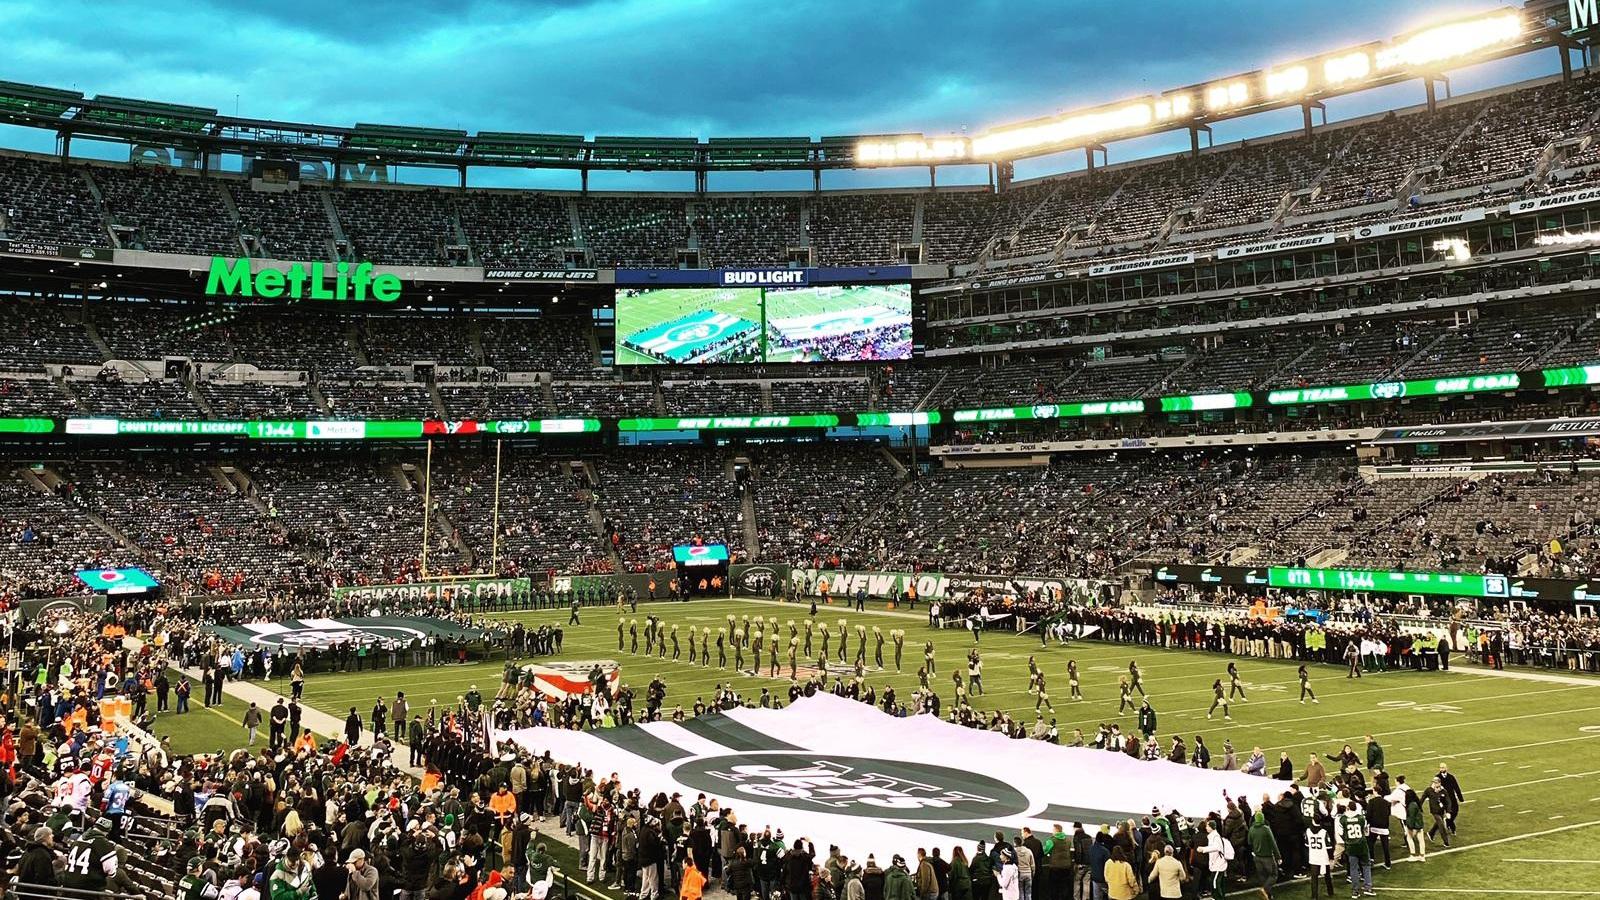 NFL-Football - Gruppresor, skräddarsydda resor och endast matchbiljetter. Vi har biljetter till alla lag i NFL.